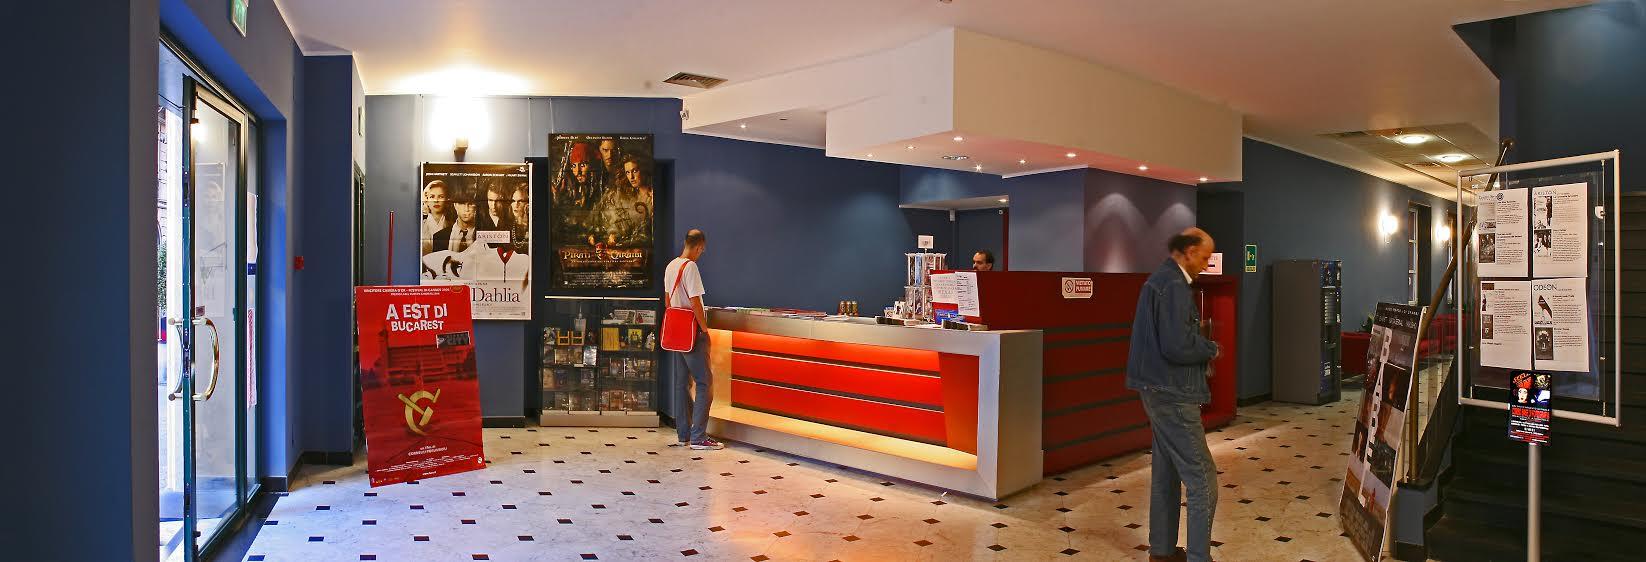 Comune di Genova - Il Circuito Cinema Genova per la famiglia